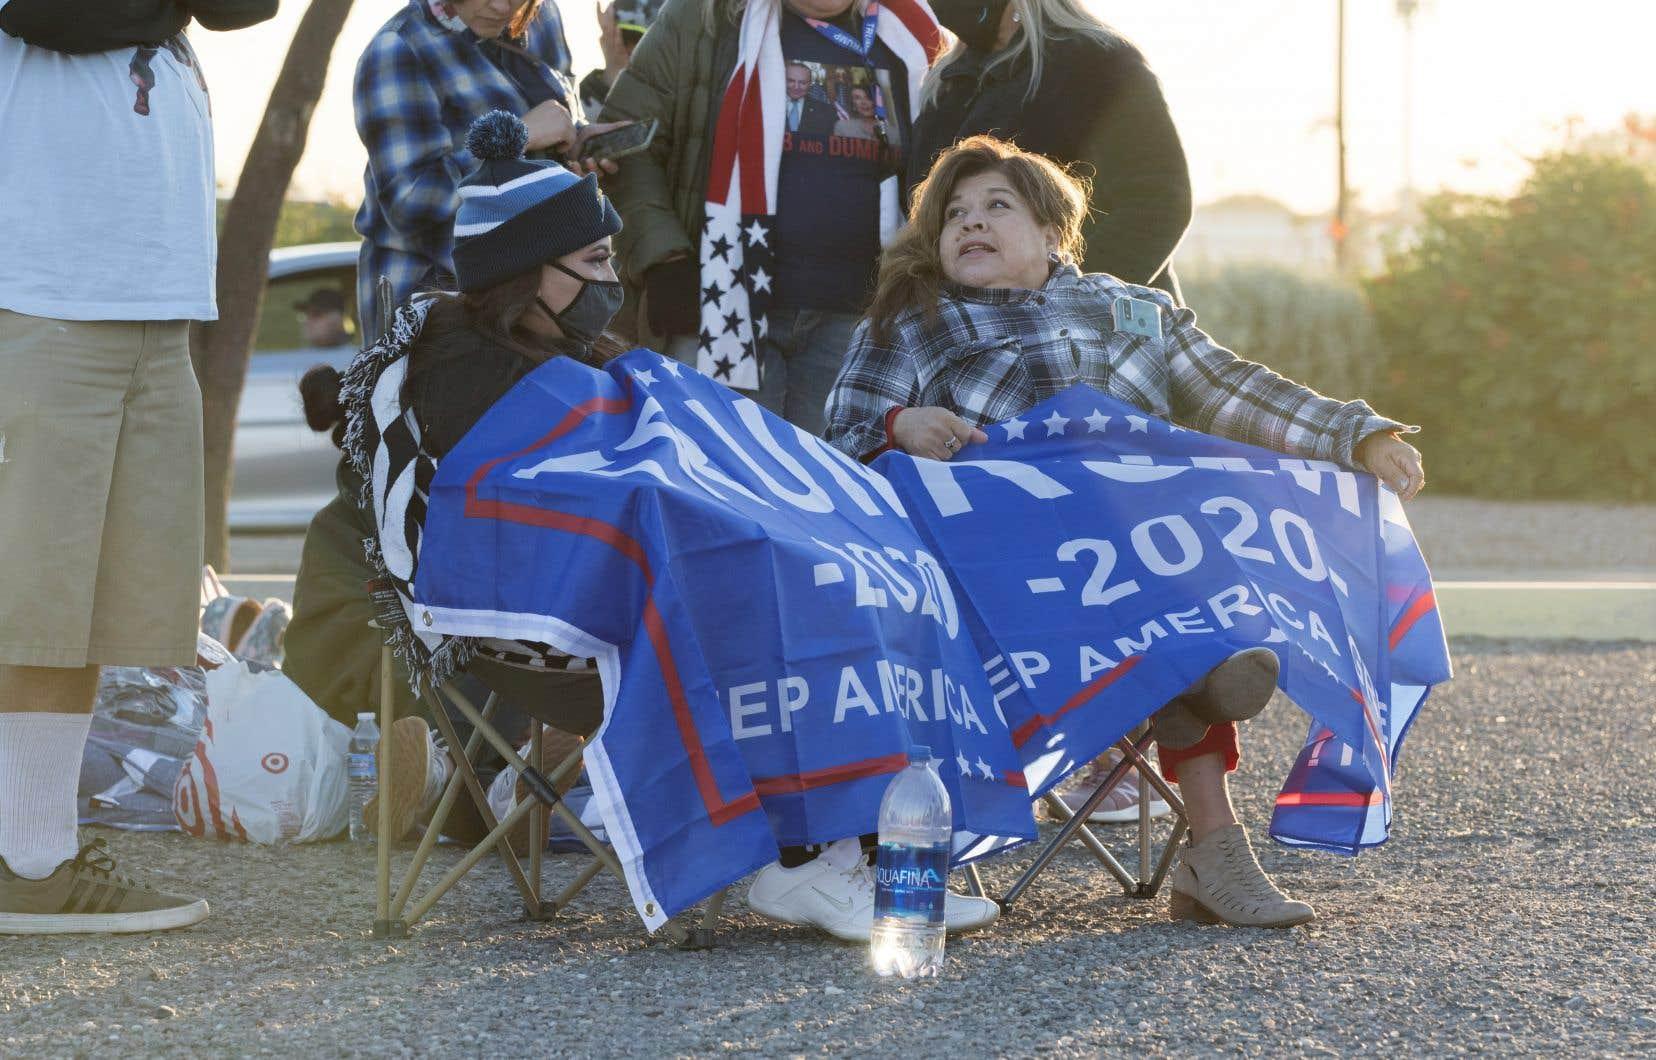 Des partisans attendent le président Donald Trump à Goodyear,dans la banlieue de Phoenix.